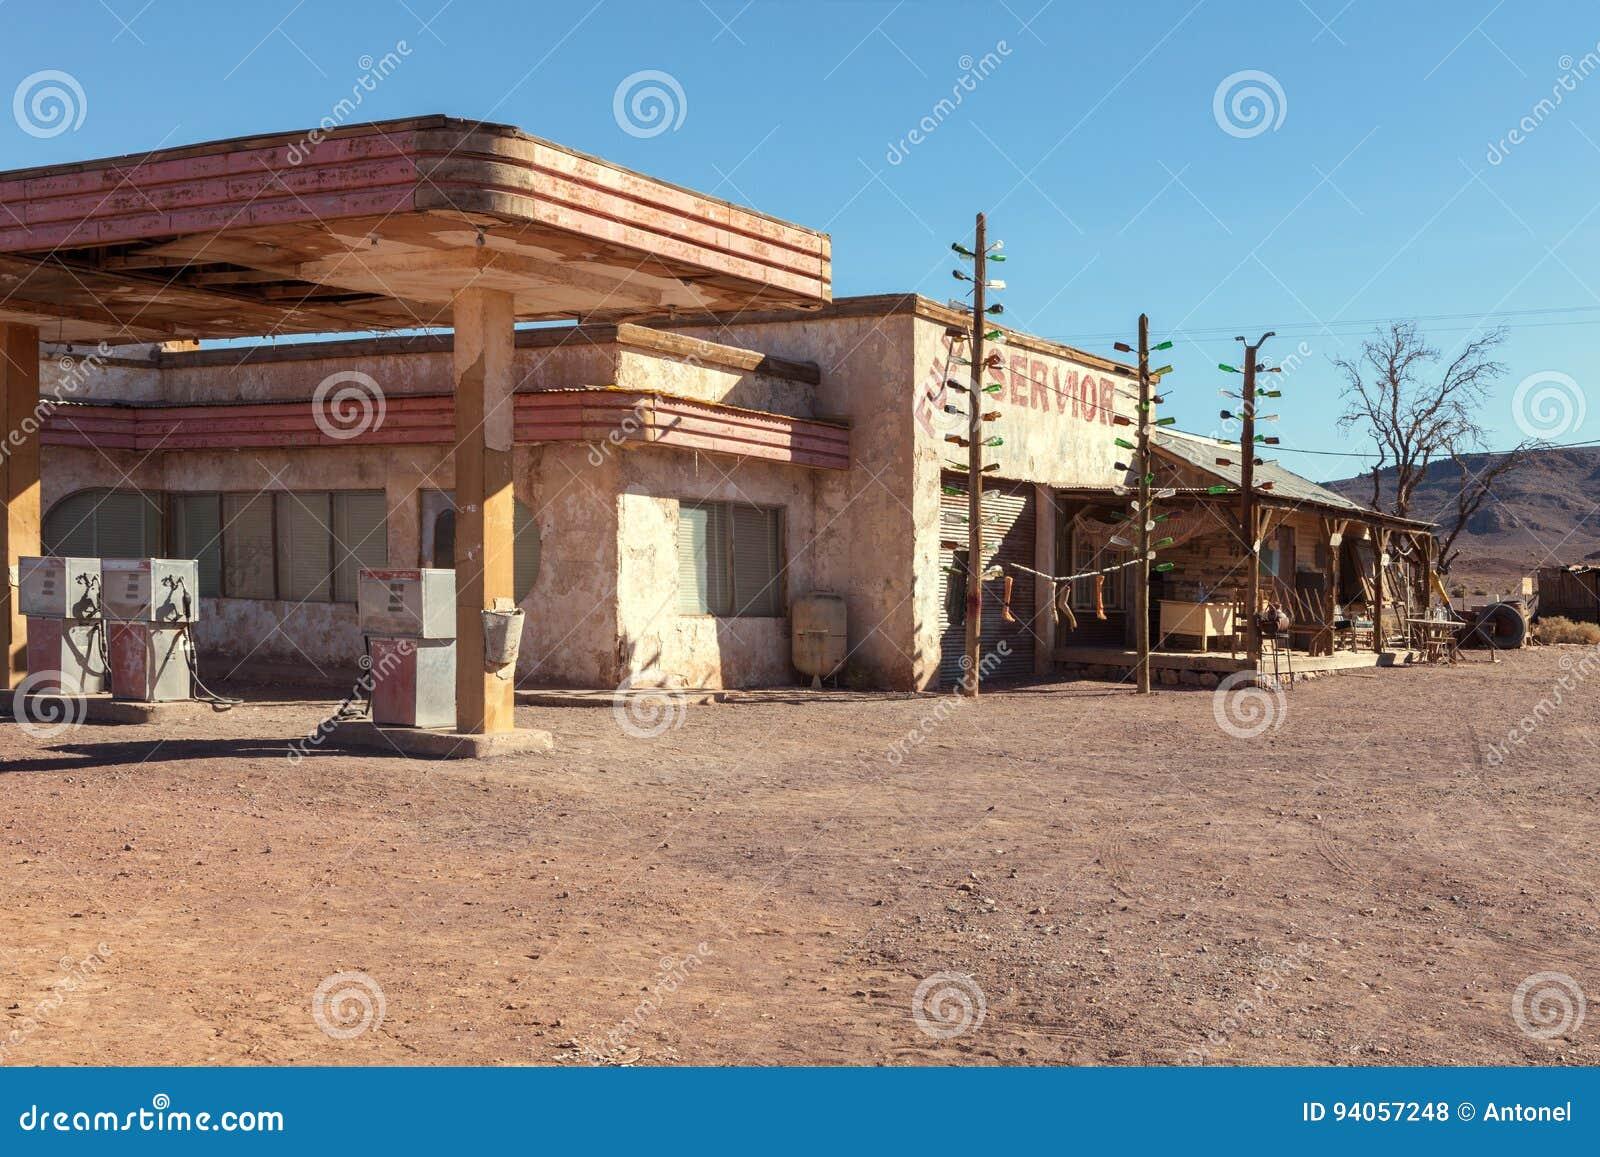 Posto de gasolina velho no deserto de Sahara perto de Ouarzazate, Marrocos Imagem tonificada